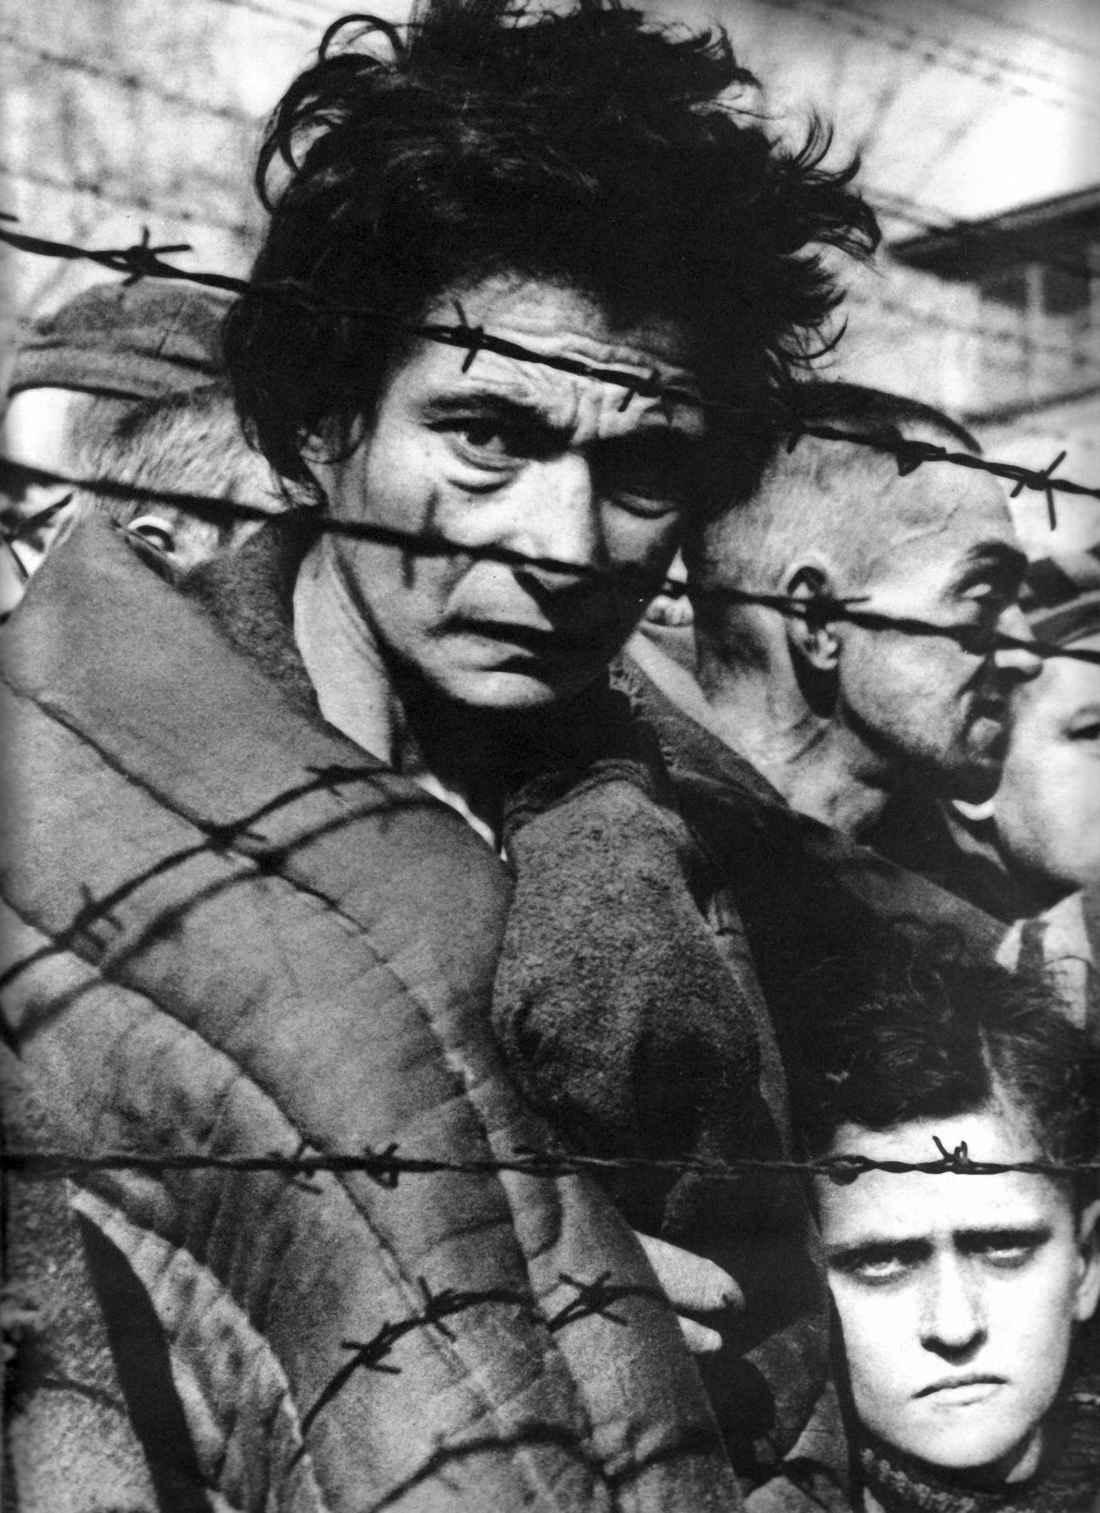 Узники концлагеря Освенцим